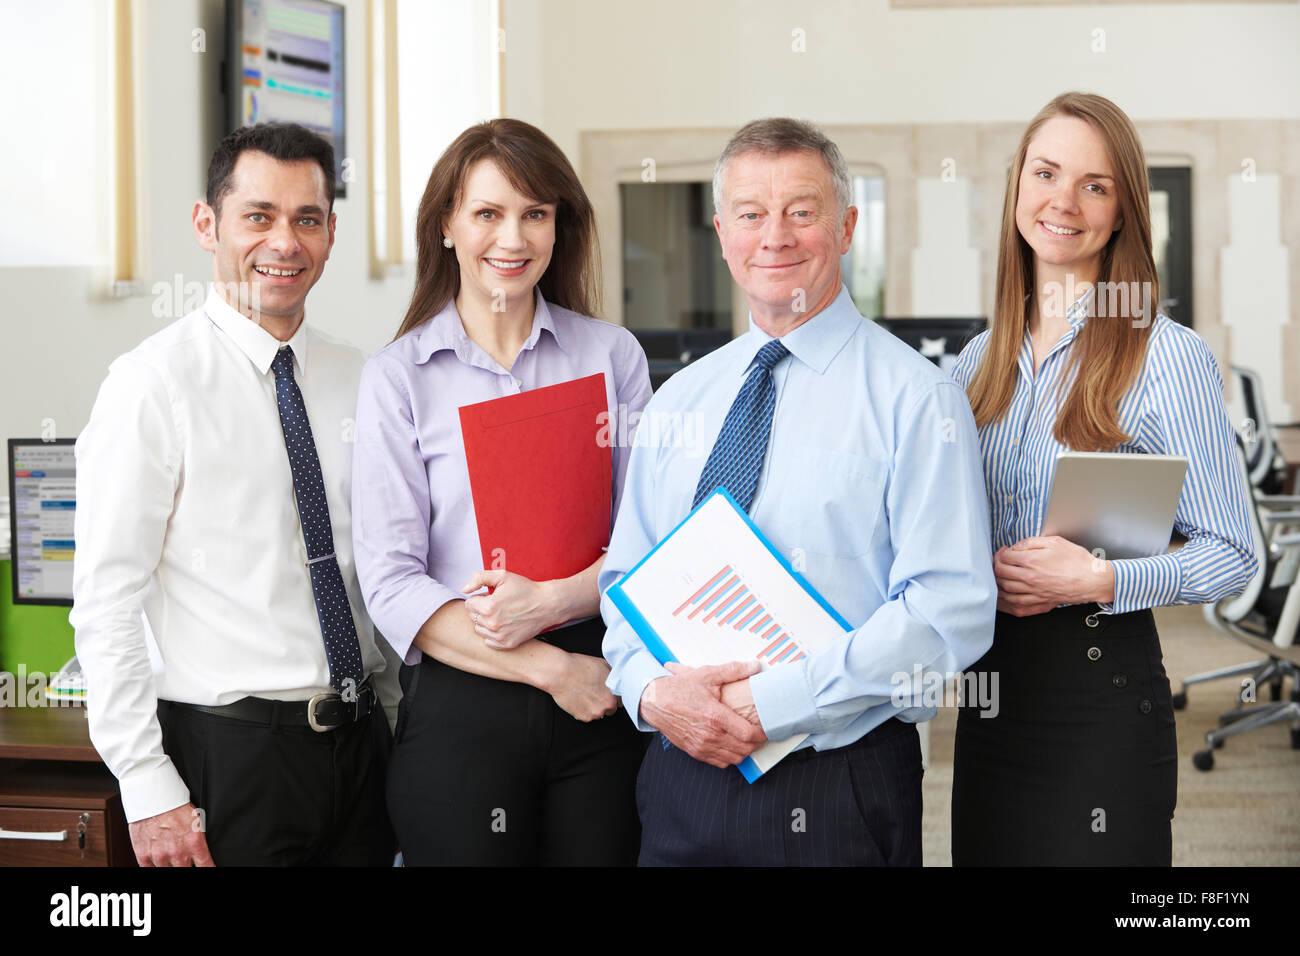 Ritratto di Business Team in ufficio moderno Immagini Stock